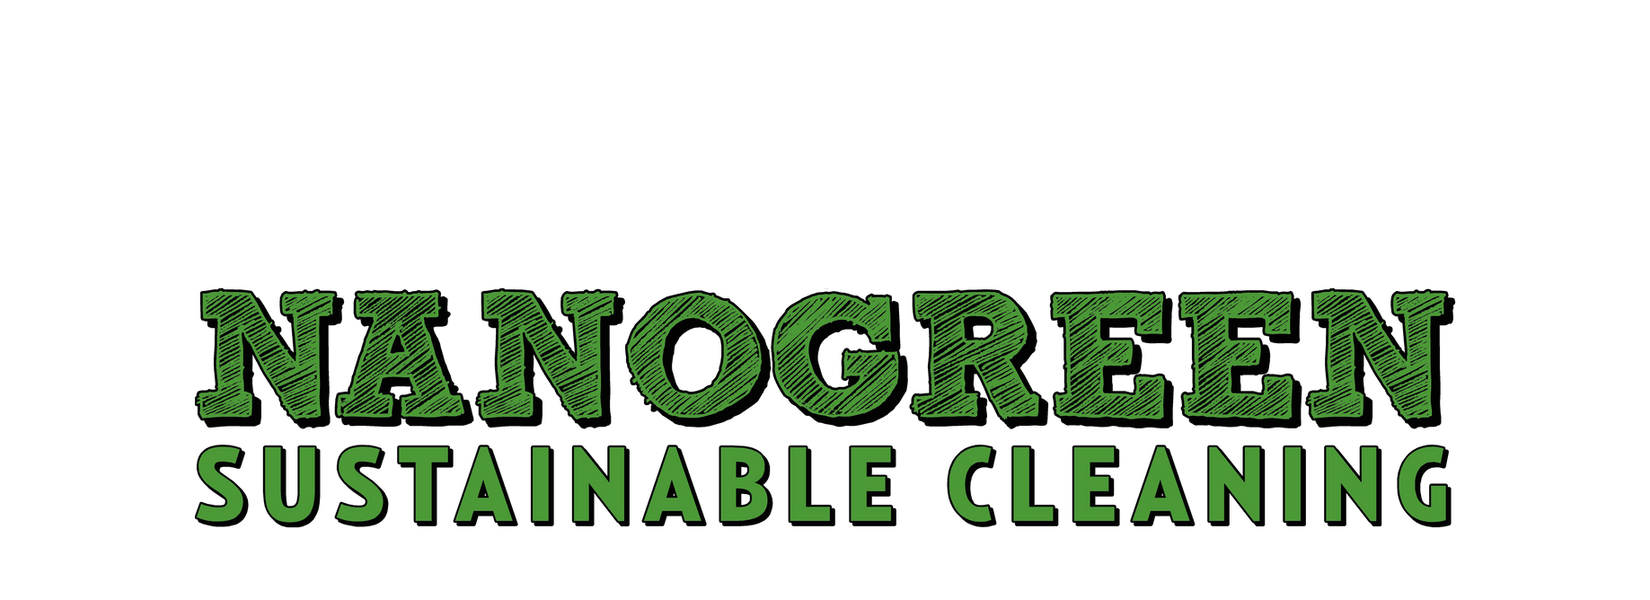 logo-2 (2).png